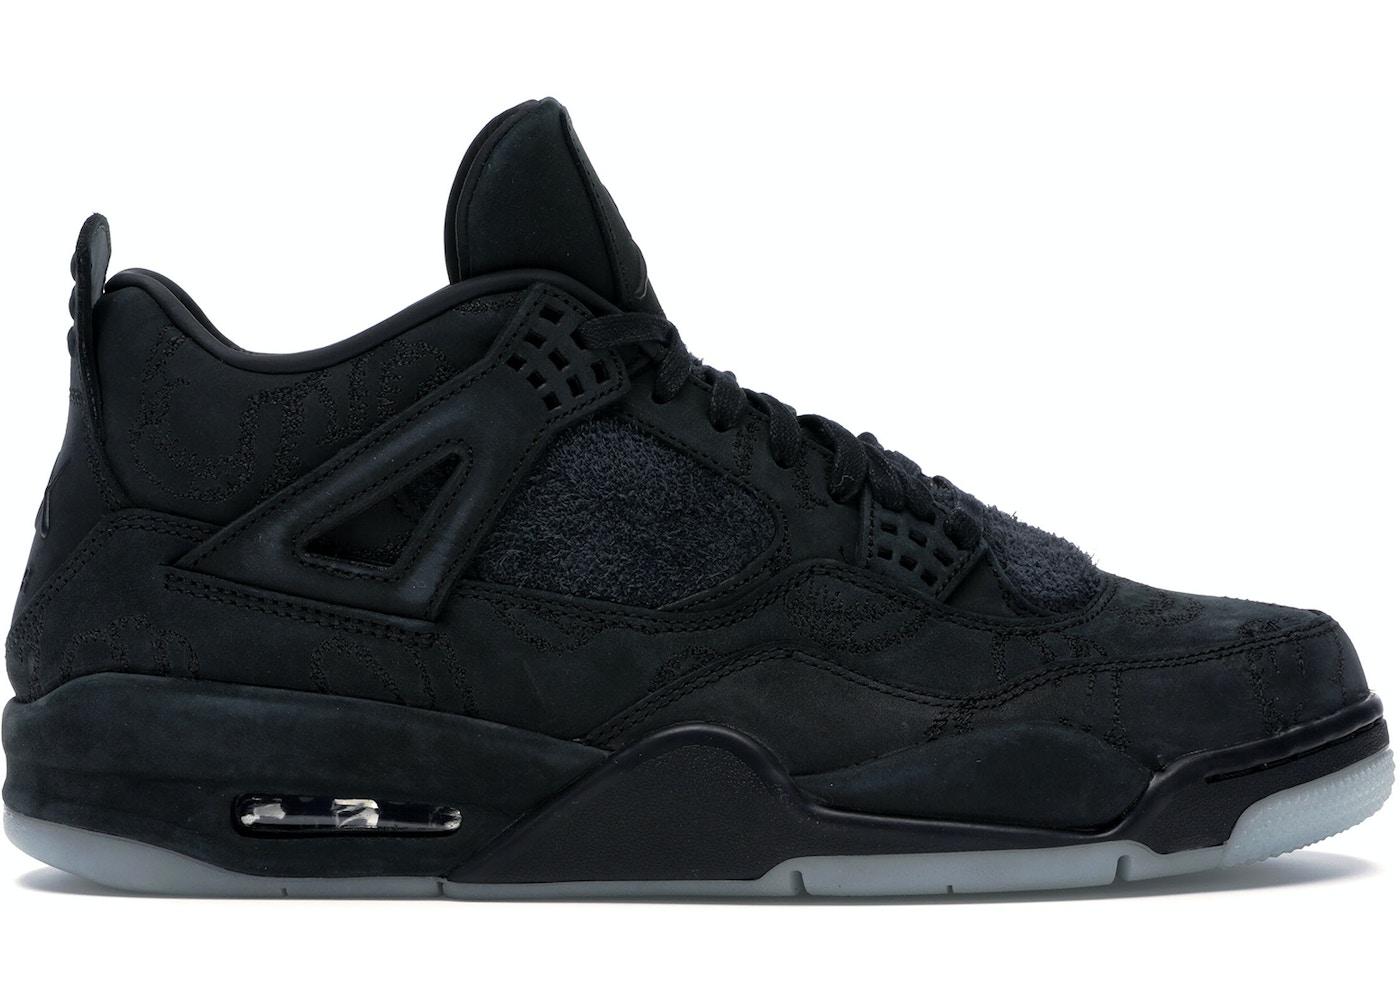 Jordan 4 Retro Kaws Black